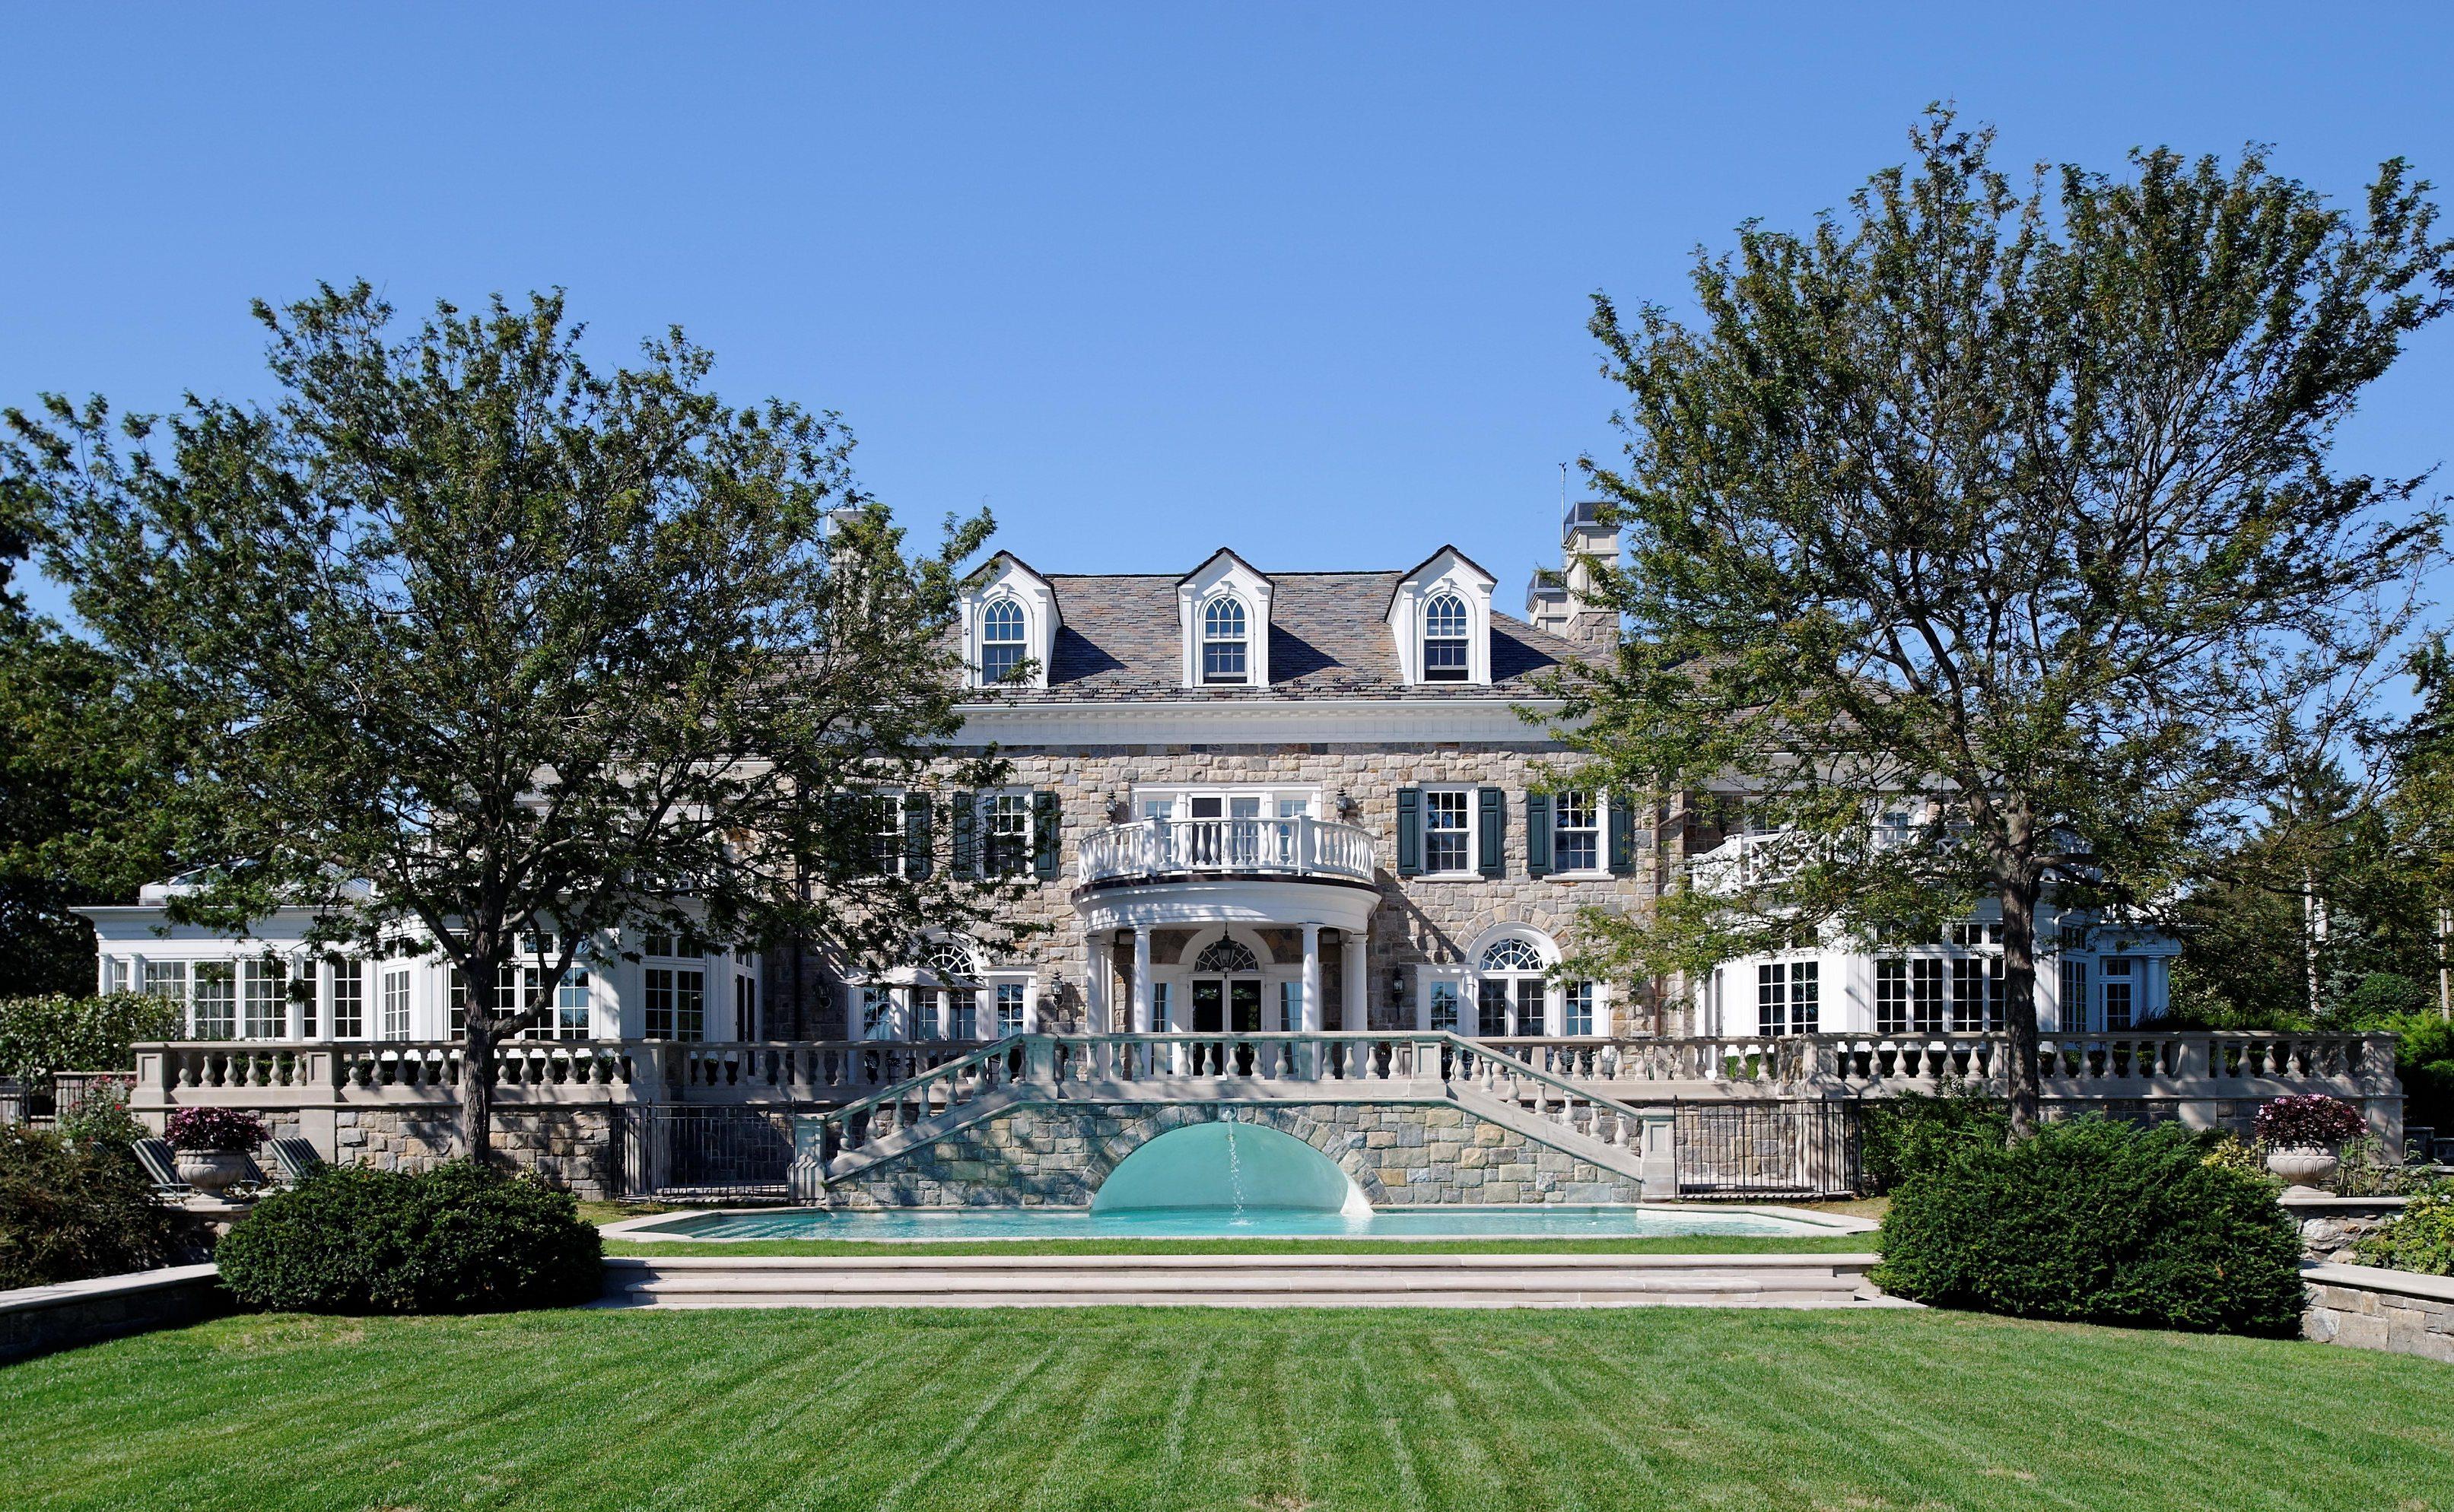 一戸建て のために 売買 アット A masterpiece 1120 Greacen Point Road Mamaroneck, ニューヨーク 10543 アメリカ合衆国